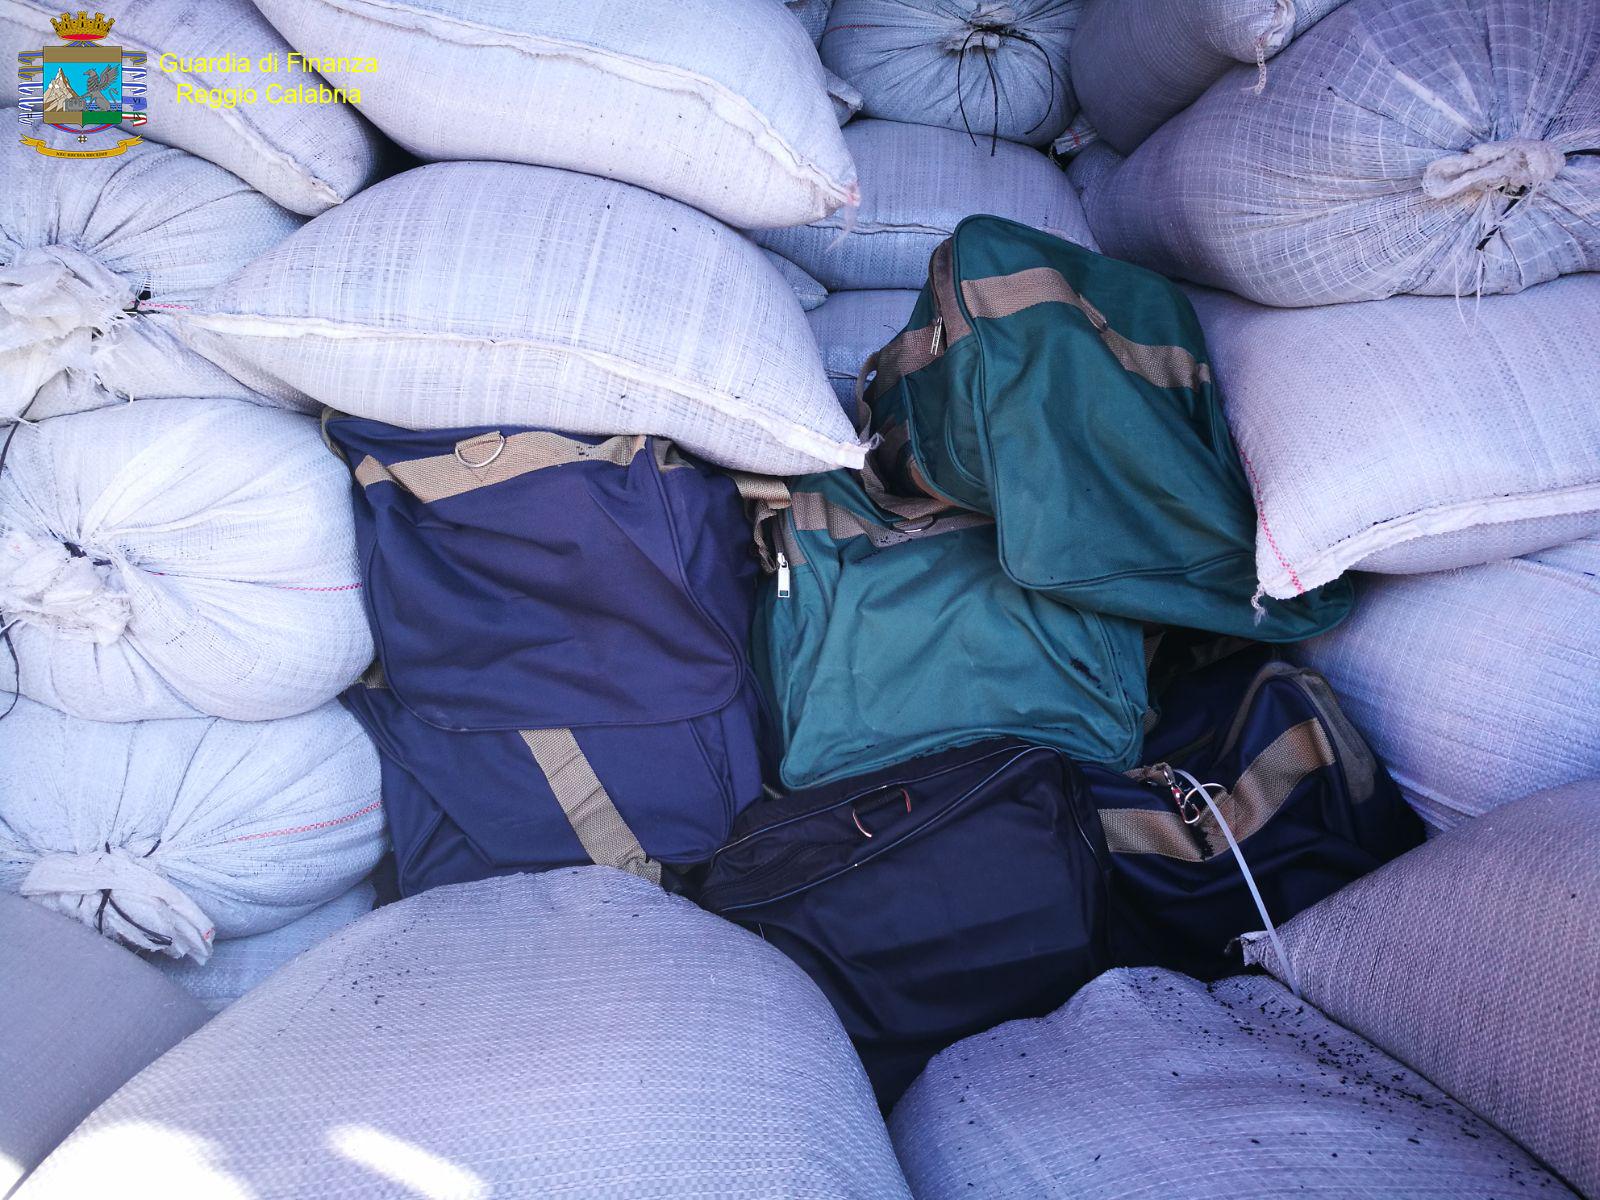 Gioia Tauro (RC) - Sequestrati 216 kg di cocaina